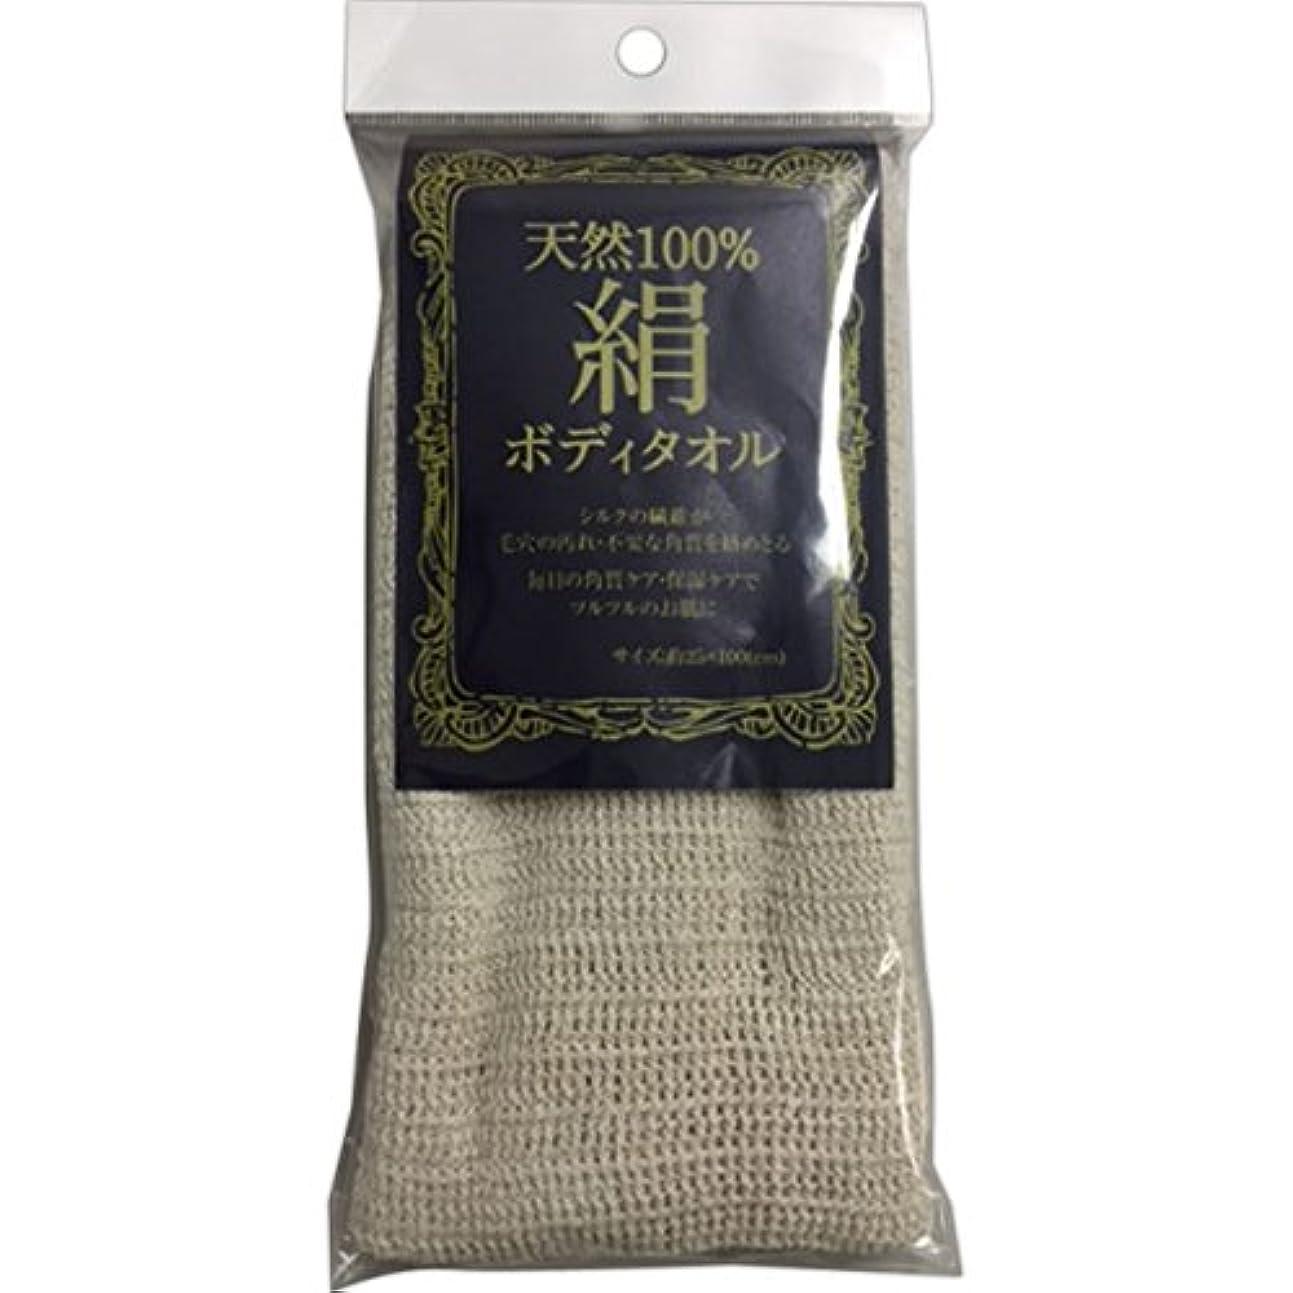 ヨーグルト芸術的連帯天然絹100% ボディタオル1枚(生成り)×3